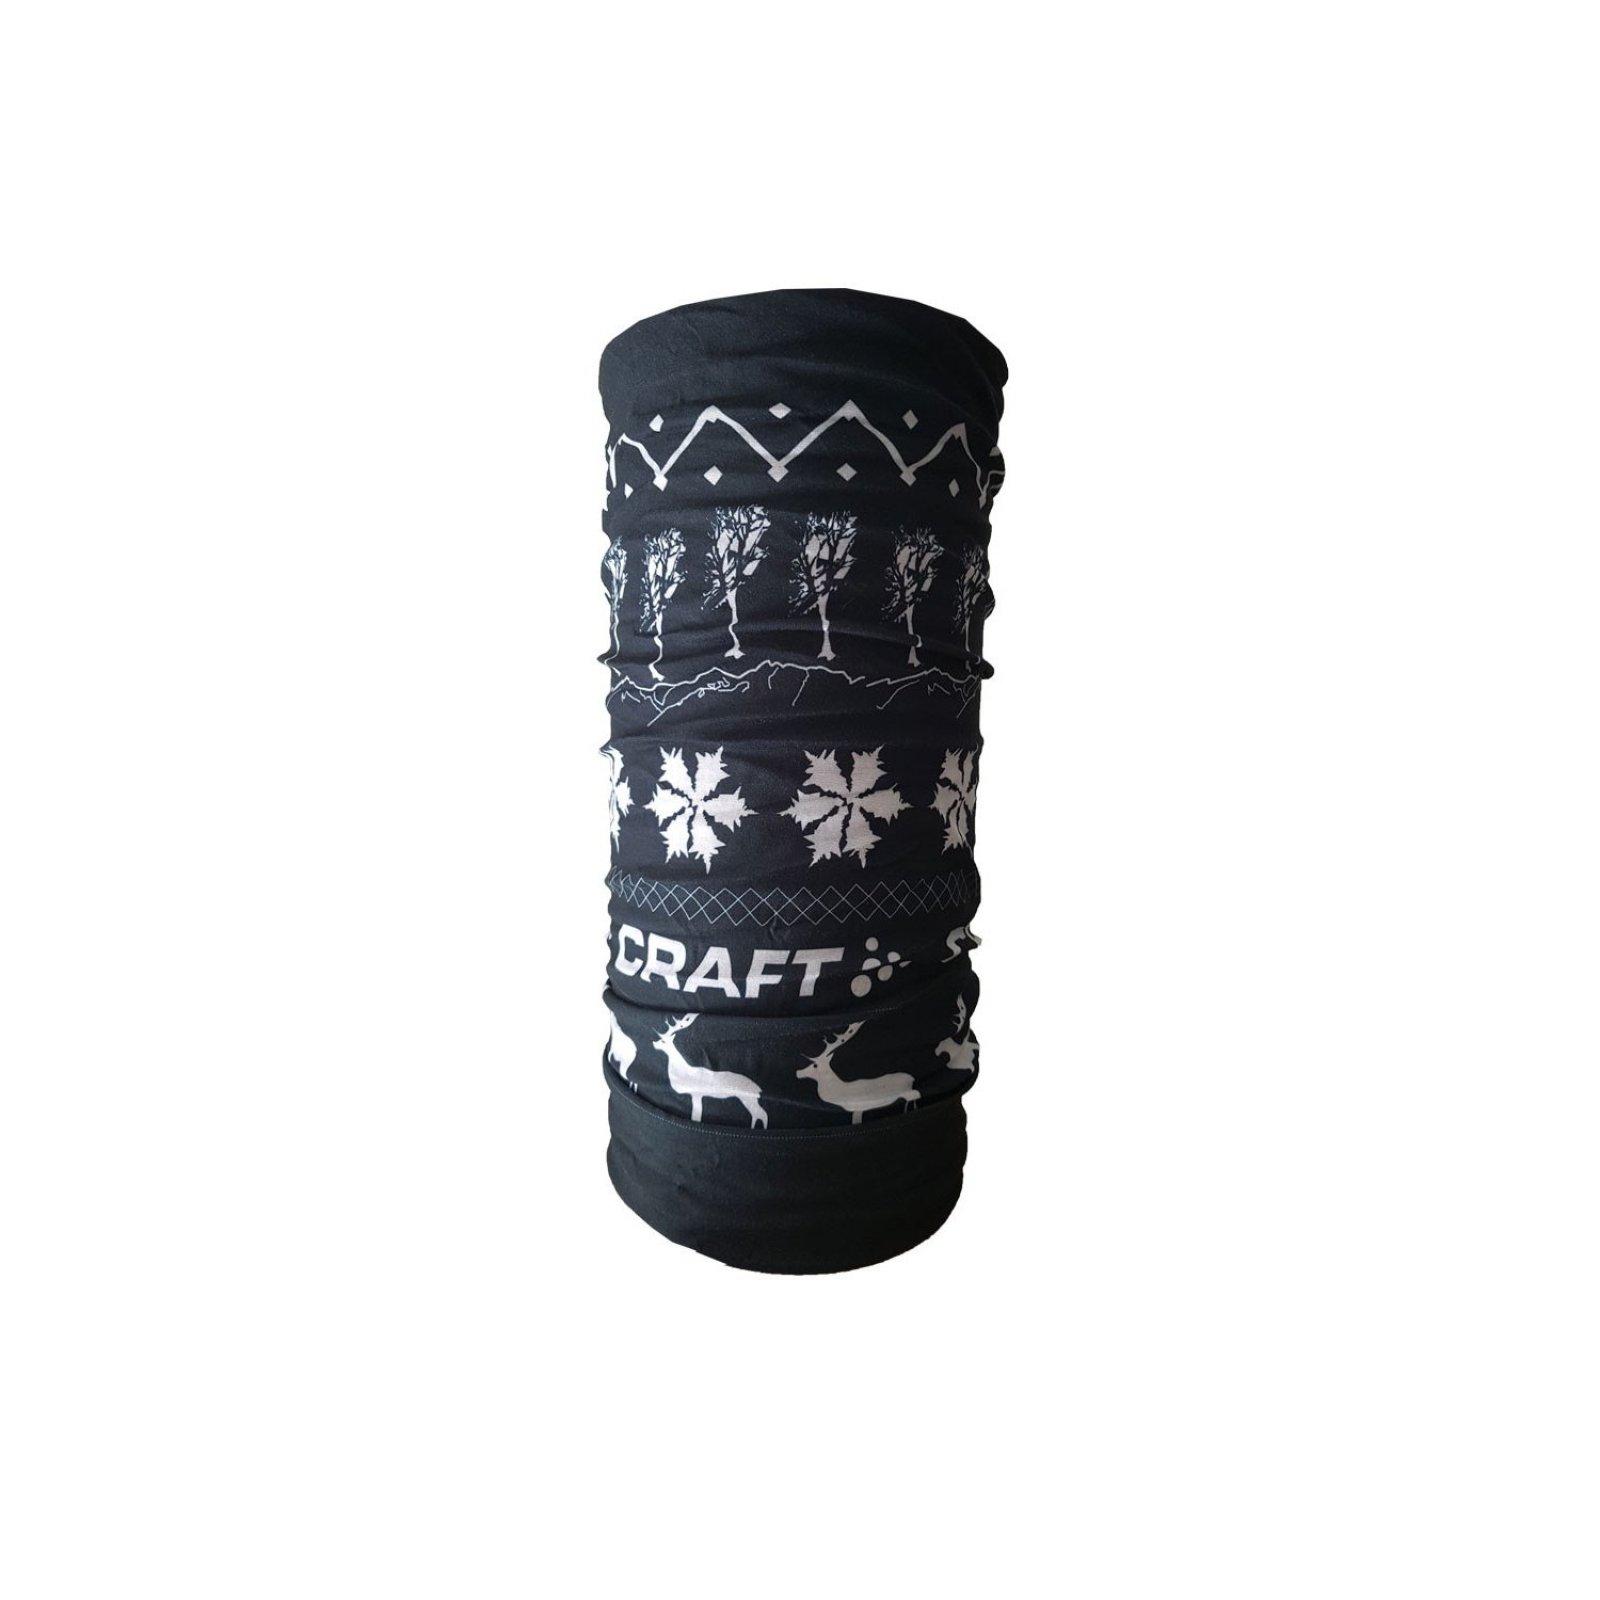 Nákrčník Craft Neck Tube 1904092-9900 černá - Actisport.sk 25fddc1206